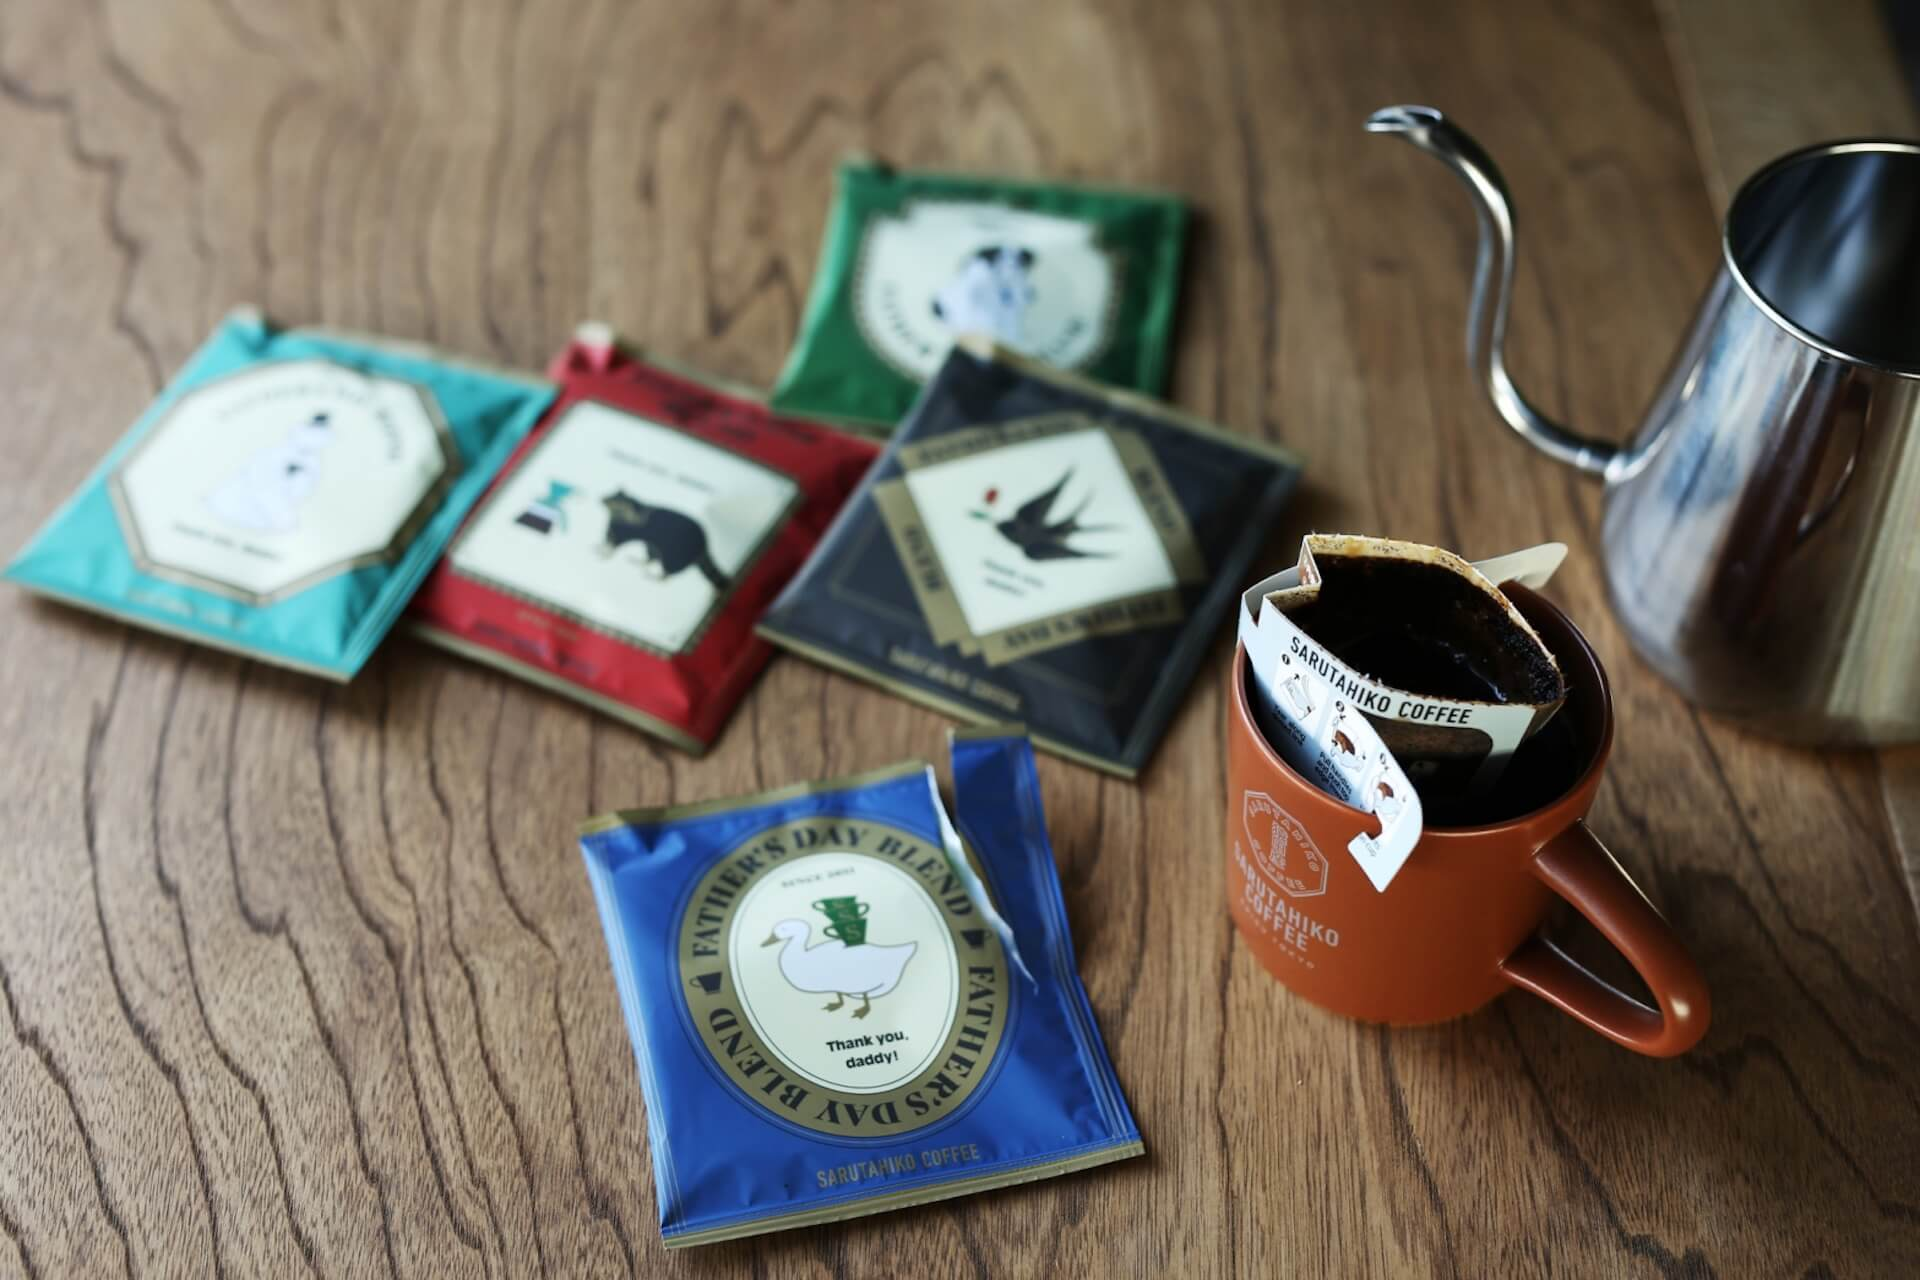 豆・ドリップバッグを選べる猿田彦珈琲の『ファザーズデイギフトセット』が登場!オンライン限定オリジナルグッズセットも gourmet_sarutacoffee_01